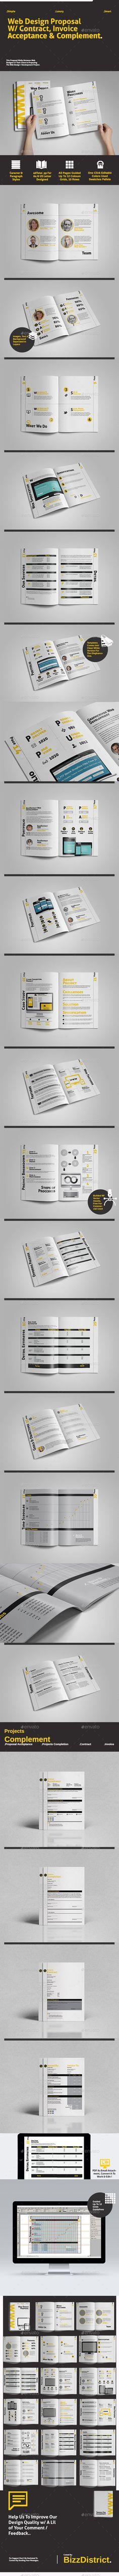 Questionnaire Web Design Print templates